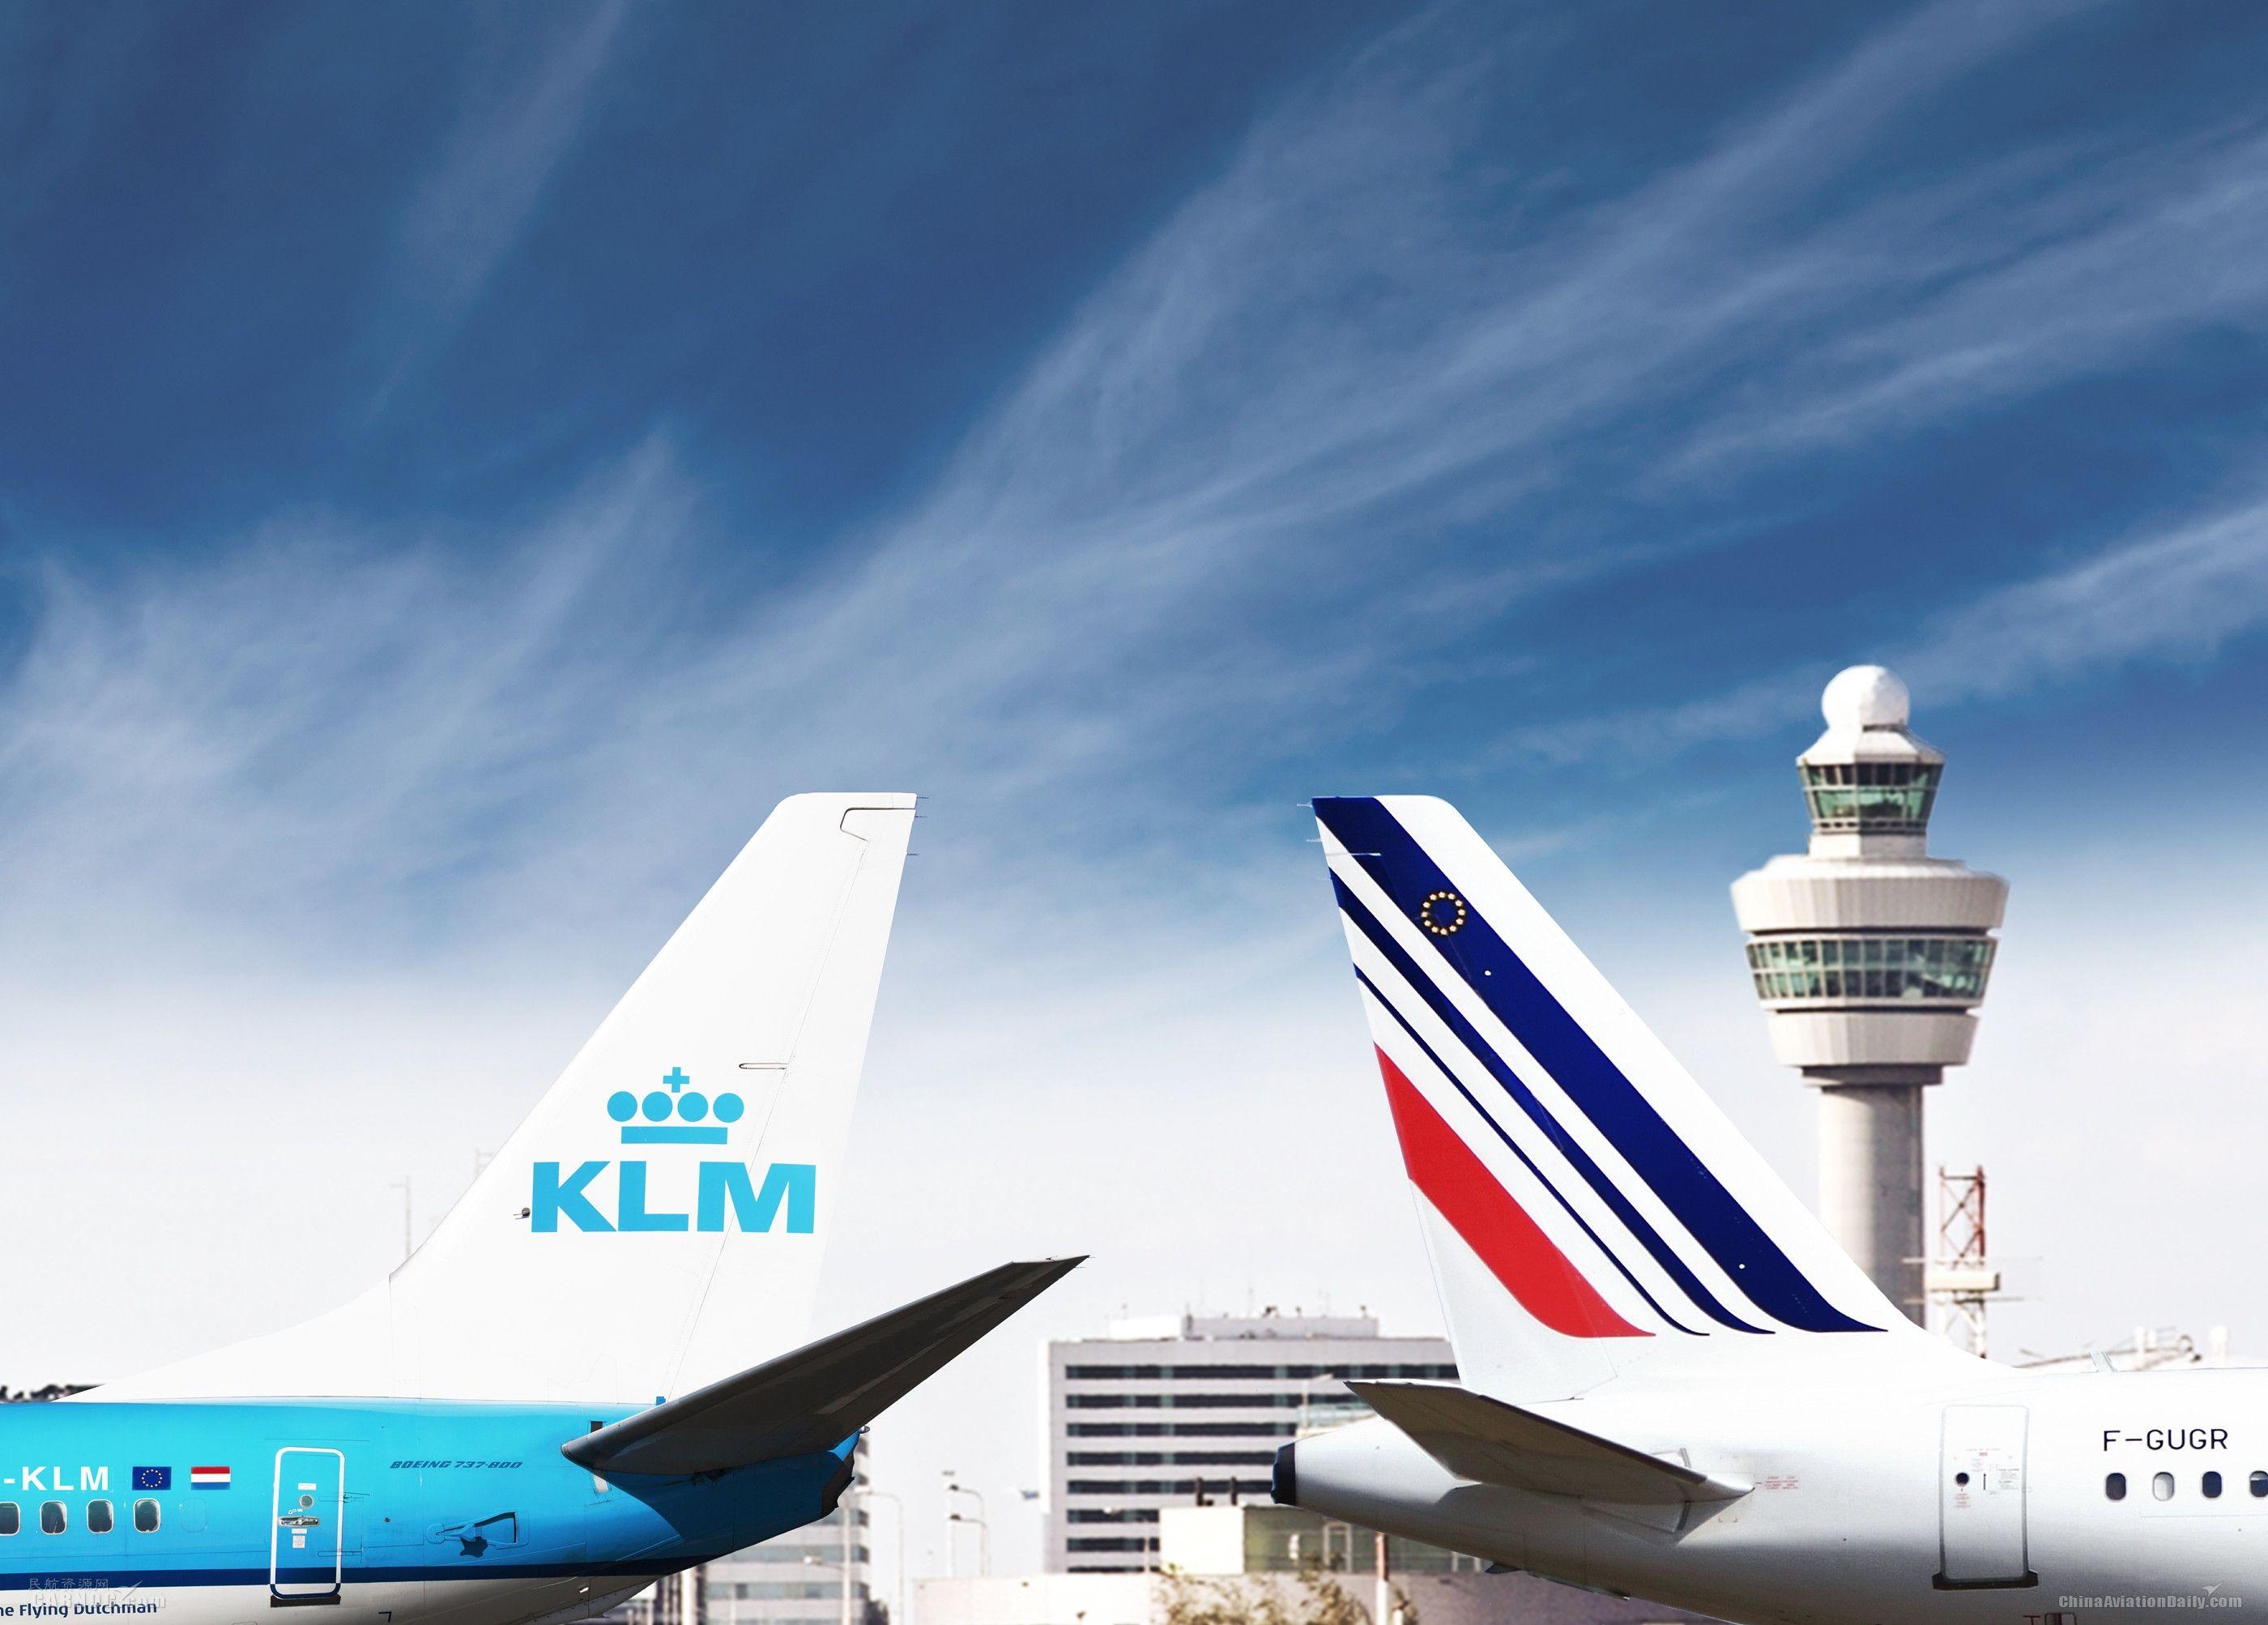 法荷航集团再度获2019年道琼斯可持续发展指数世界航空业领导者殊荣